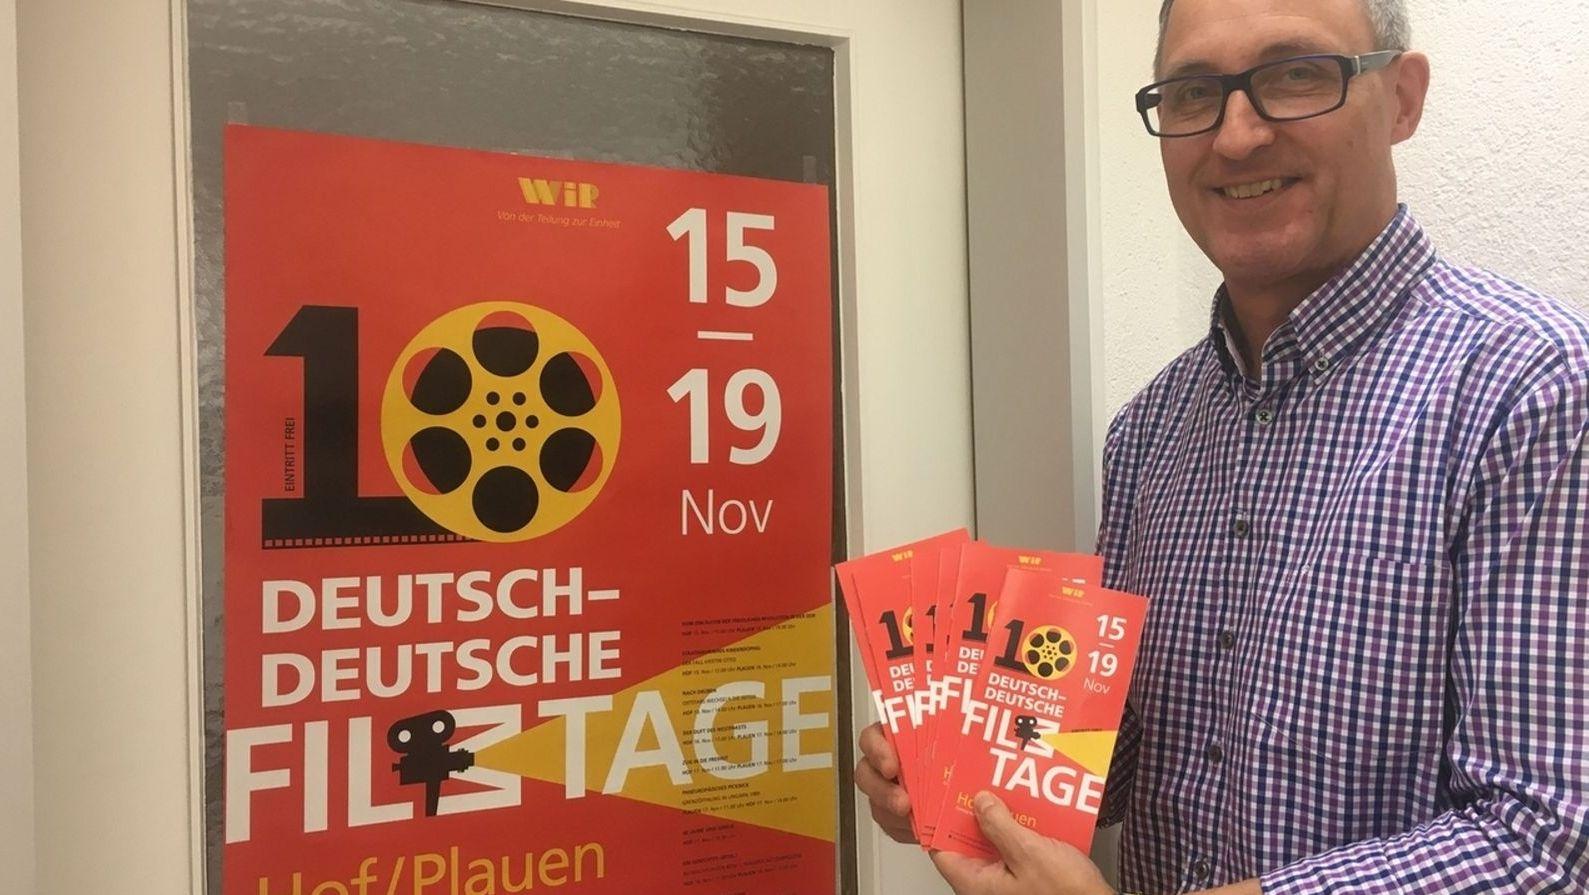 Ein  Mann hält mehrere Flyer von den Deutsch-Deutschen Filmtage in der Hand, dahinter ein rotes Plakat mit einer Filmrolle, das auf das Filmfestival in Hof und Plauen hinweist.